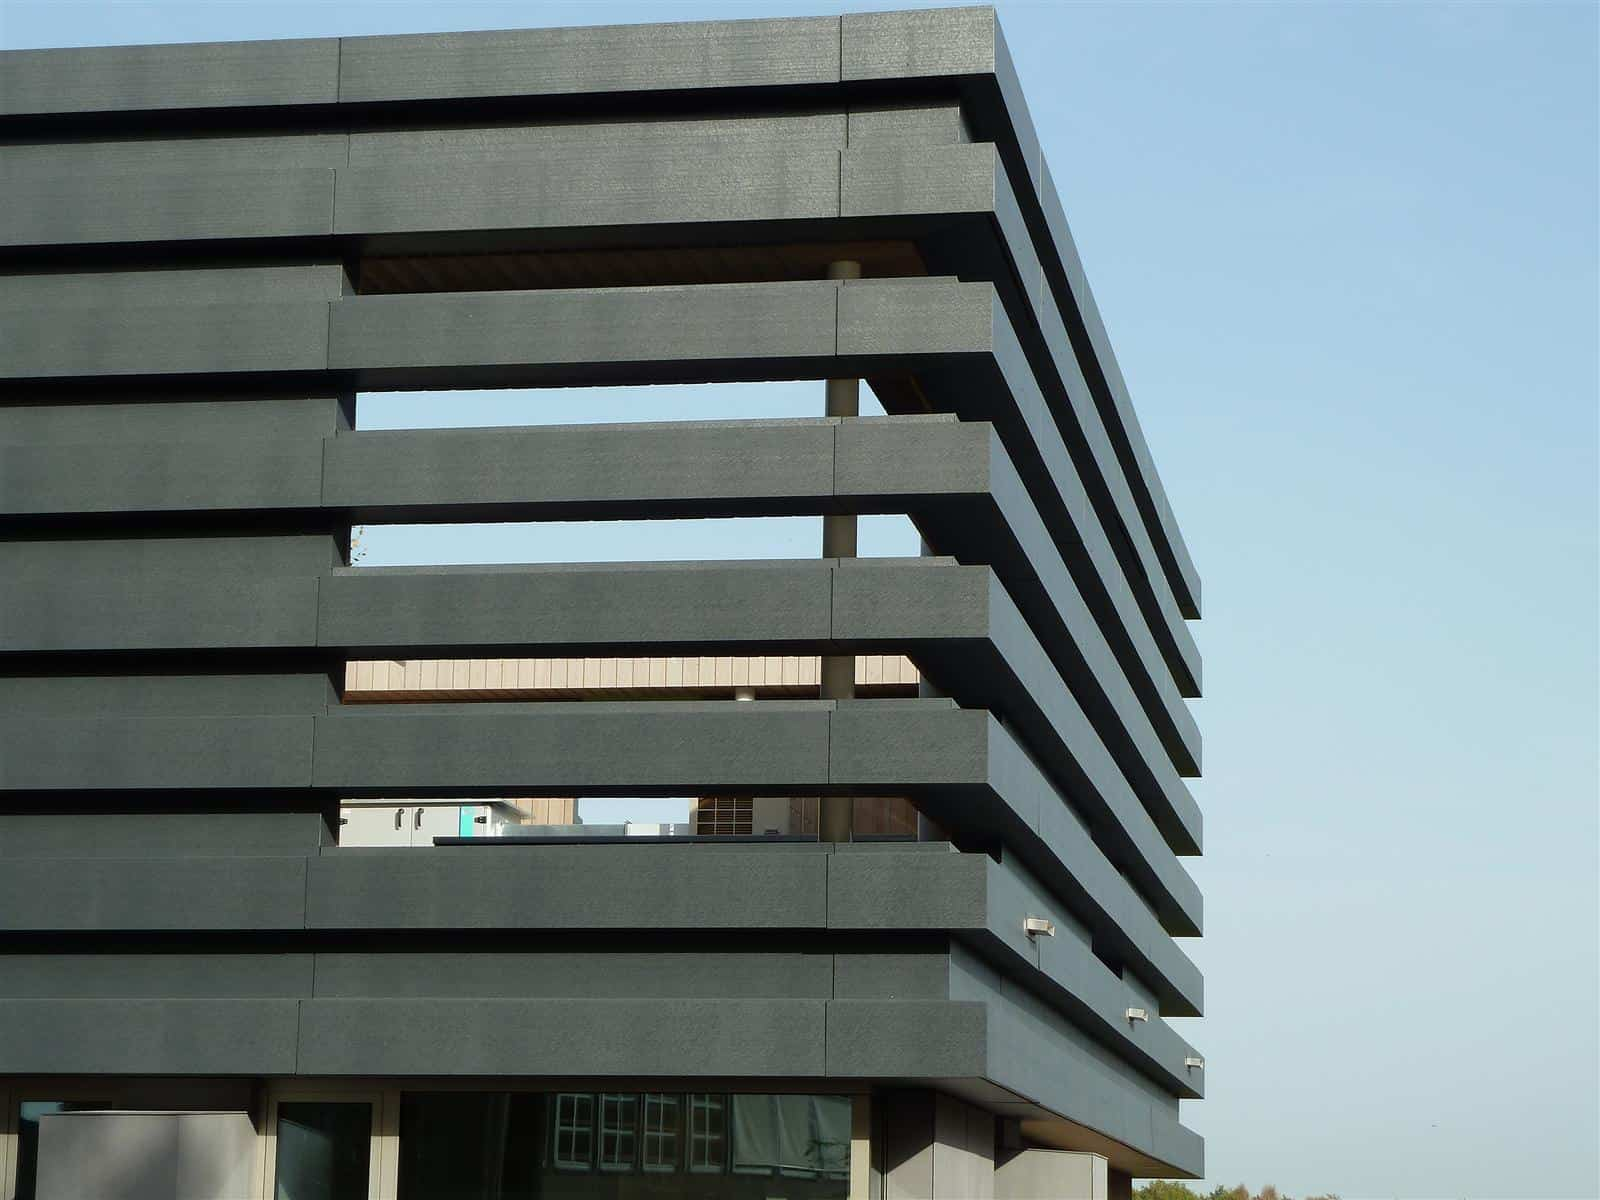 Het kantoor Univé in Dwingeloo heeft een gevelbekleding van MD Flack in brede aluminium-composiet stroken